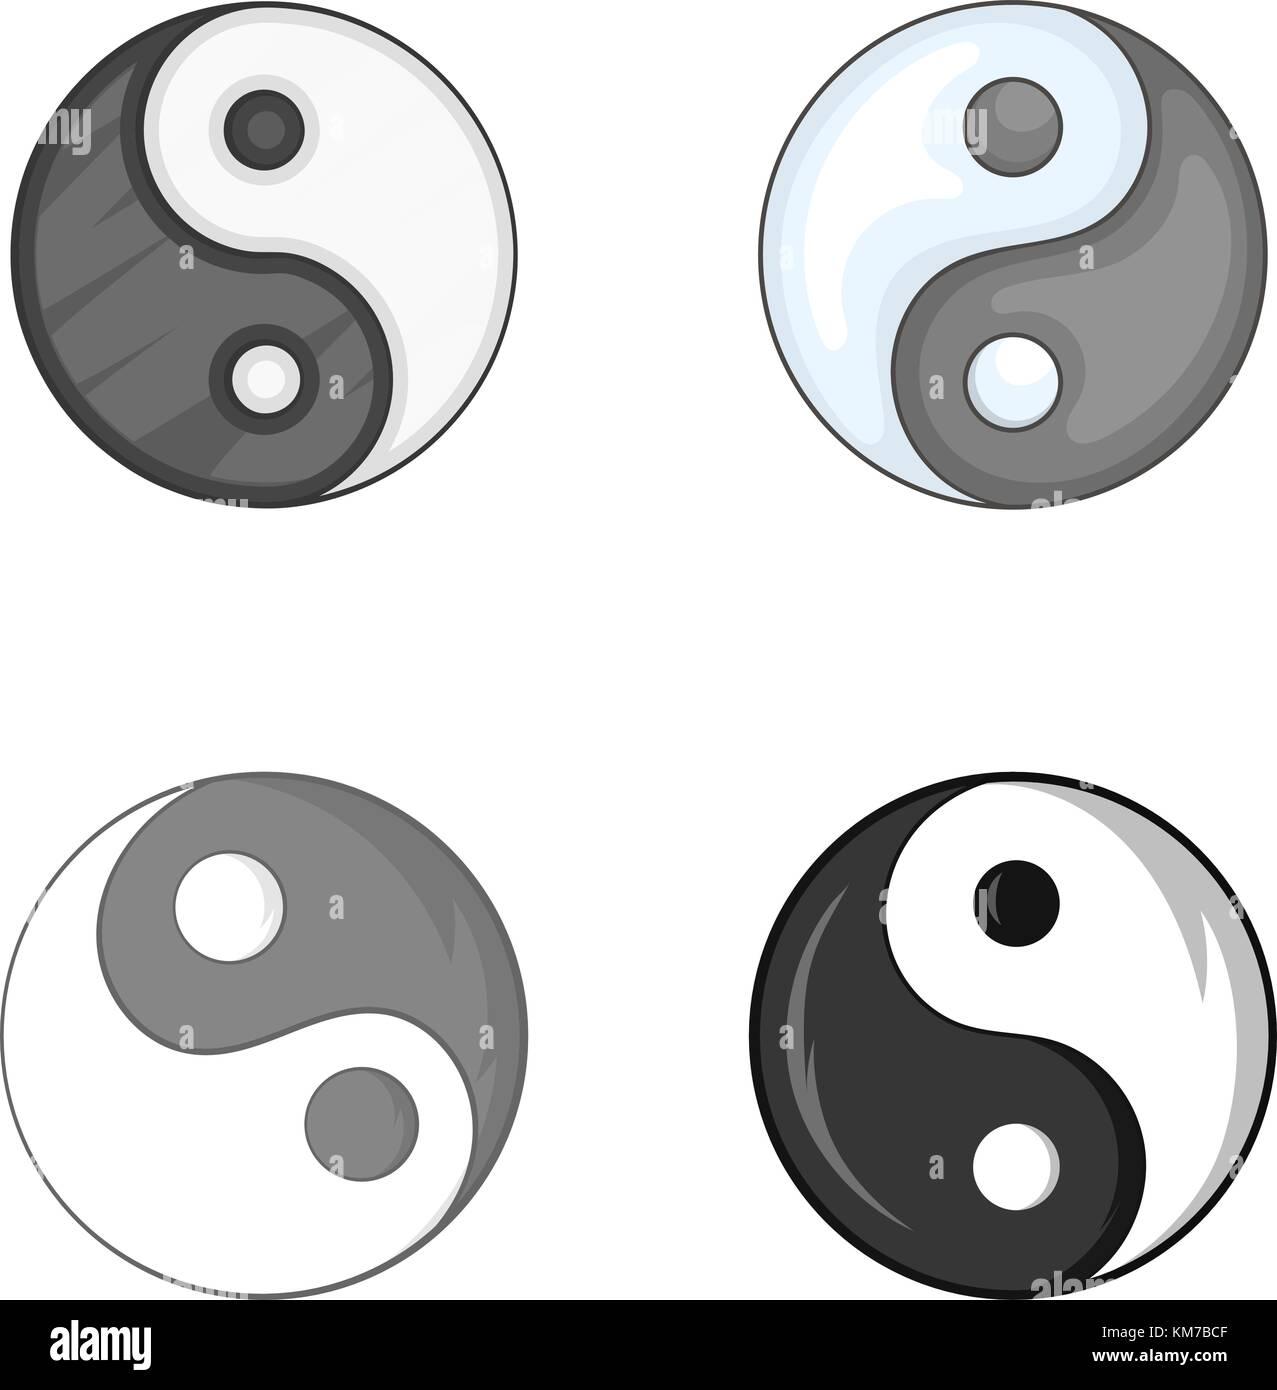 Símbolo Yin Yang Estilo De Dibujos Animados Ilustración Del Vector